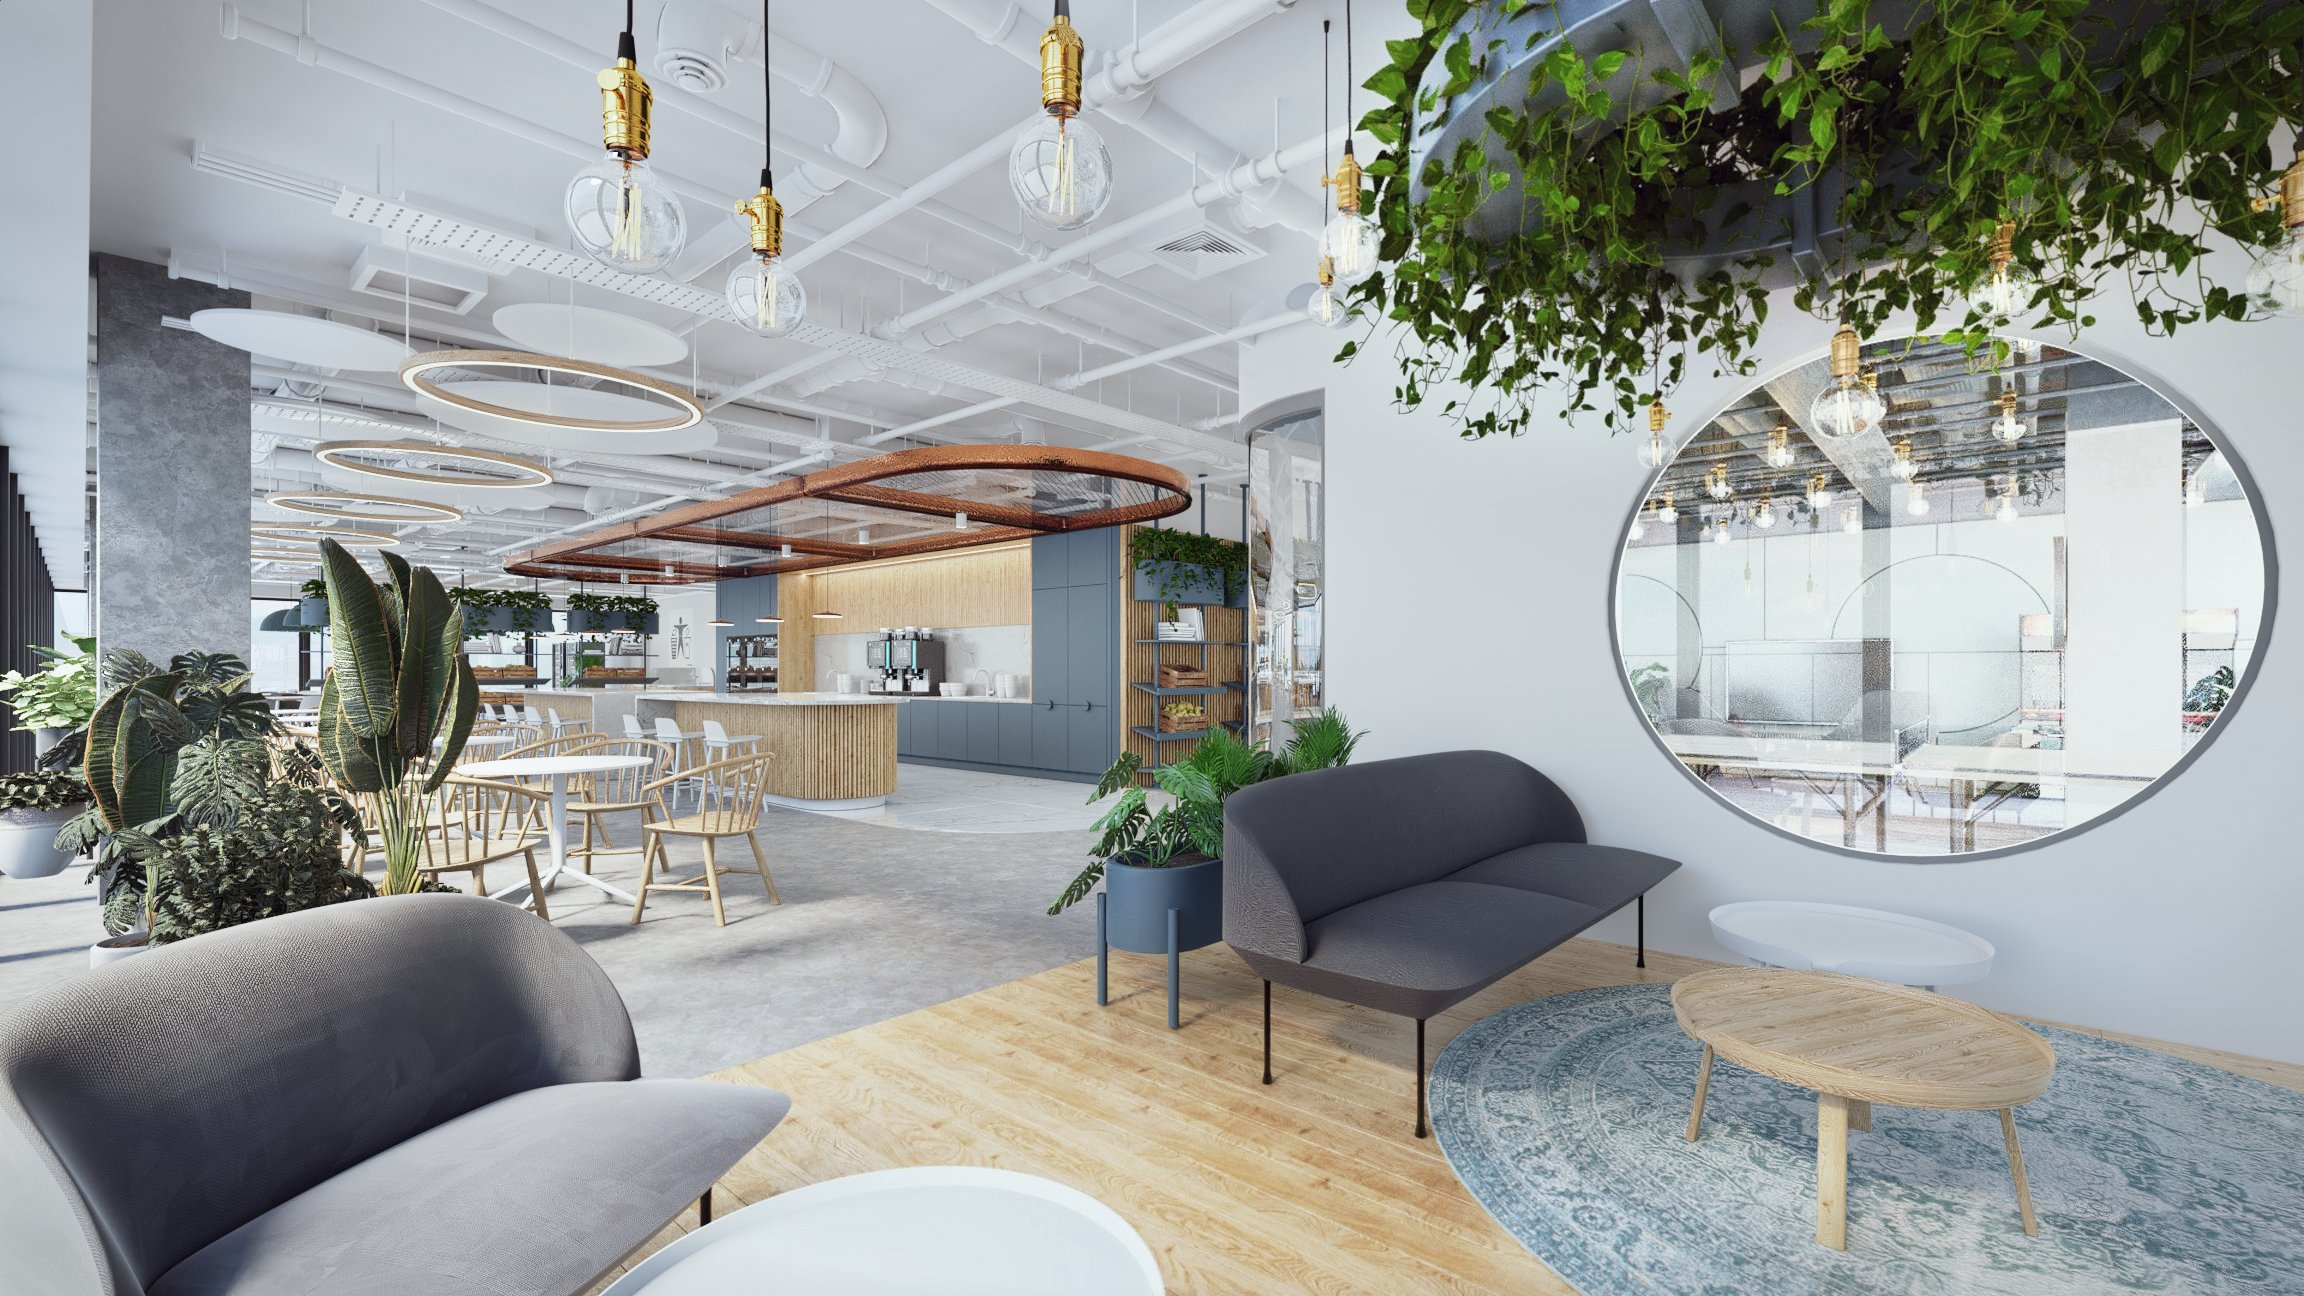 Allegro przeniesie się do centrum Poznania, gdzie wynajmie 10 pięter w kompleksie biurowym Nowy Rynek (Fot. Mat. pras.)